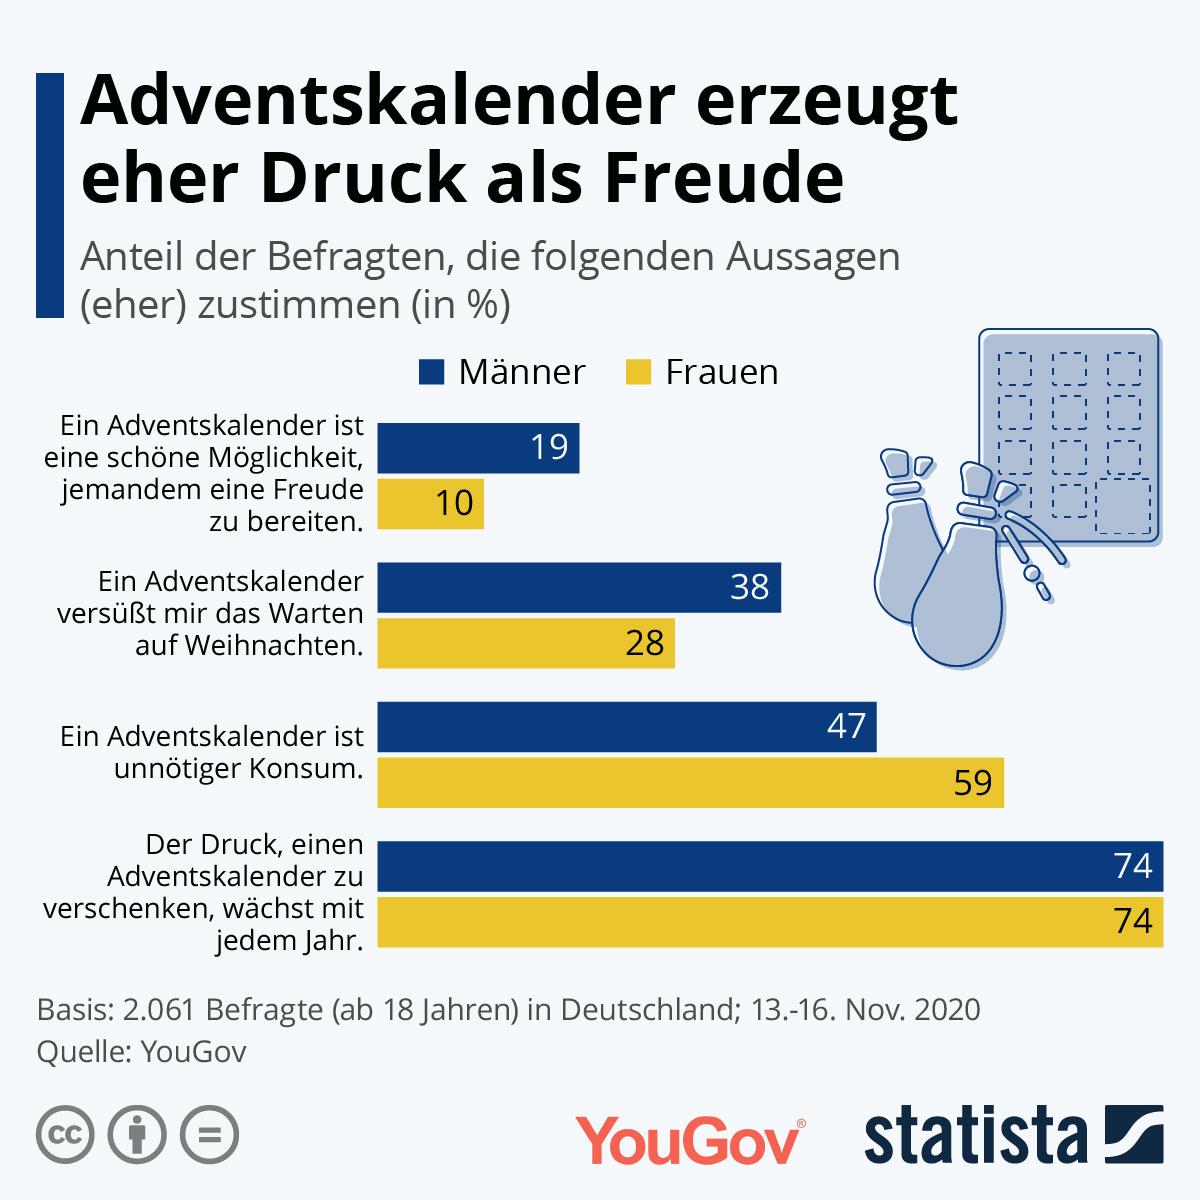 Infografik: Adventskalender erzeugt eher Druck als Freude | Statista